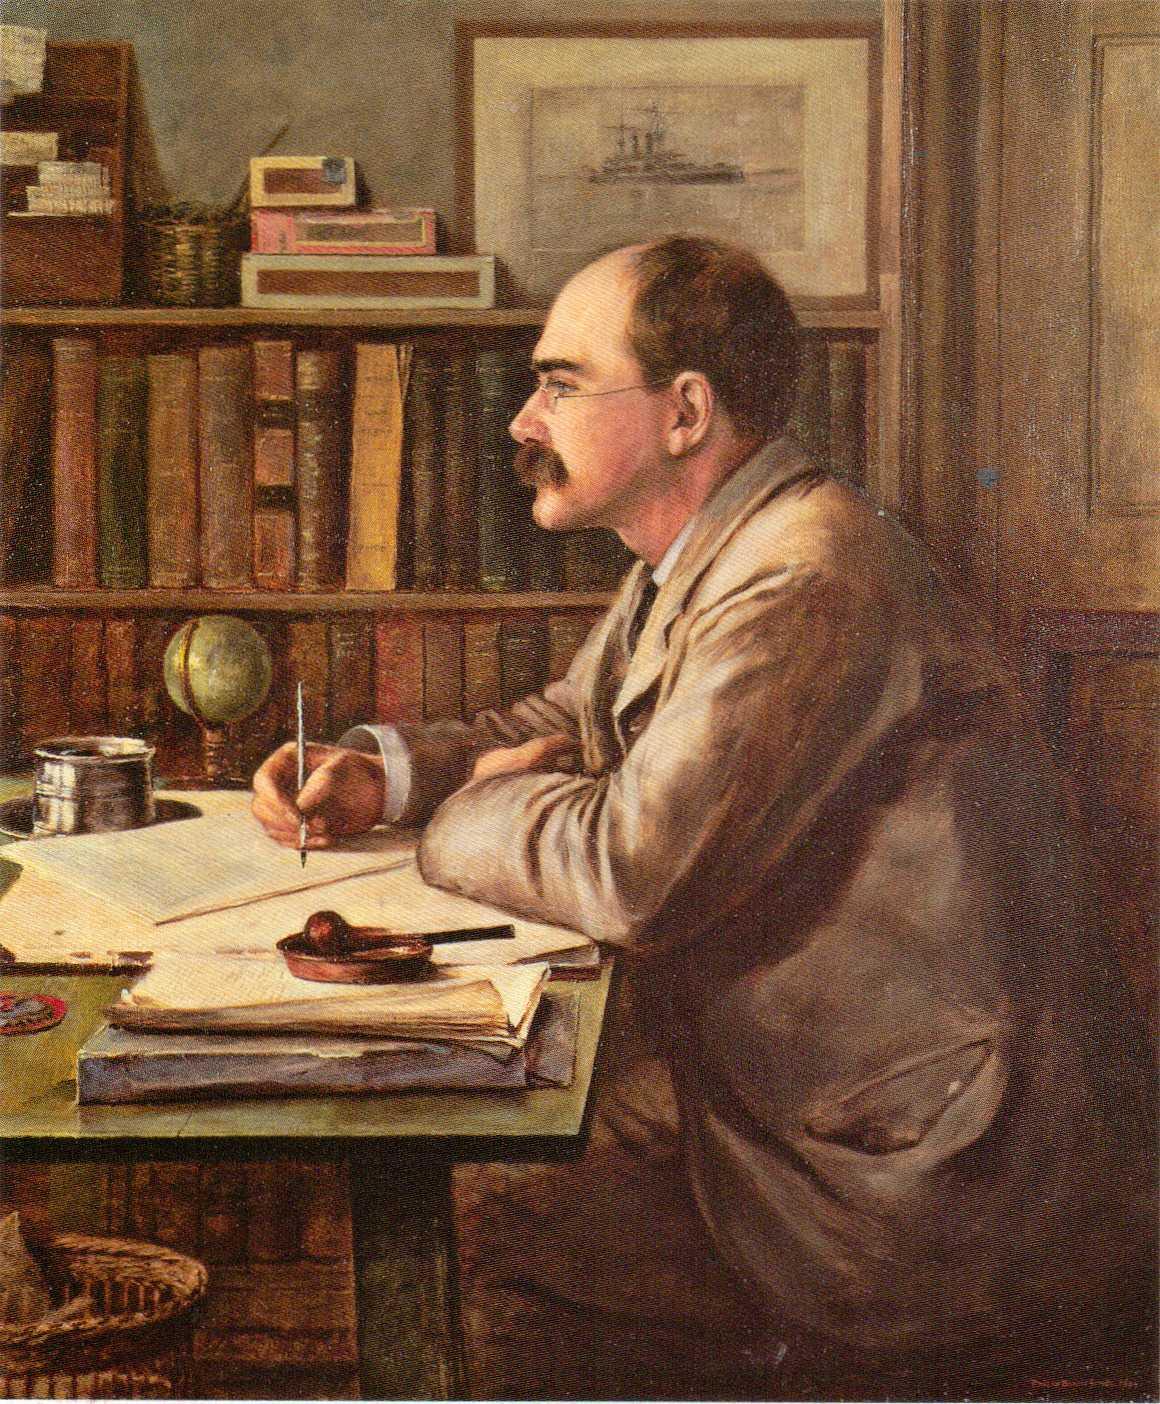 Kipling - Burne Jones.jpg